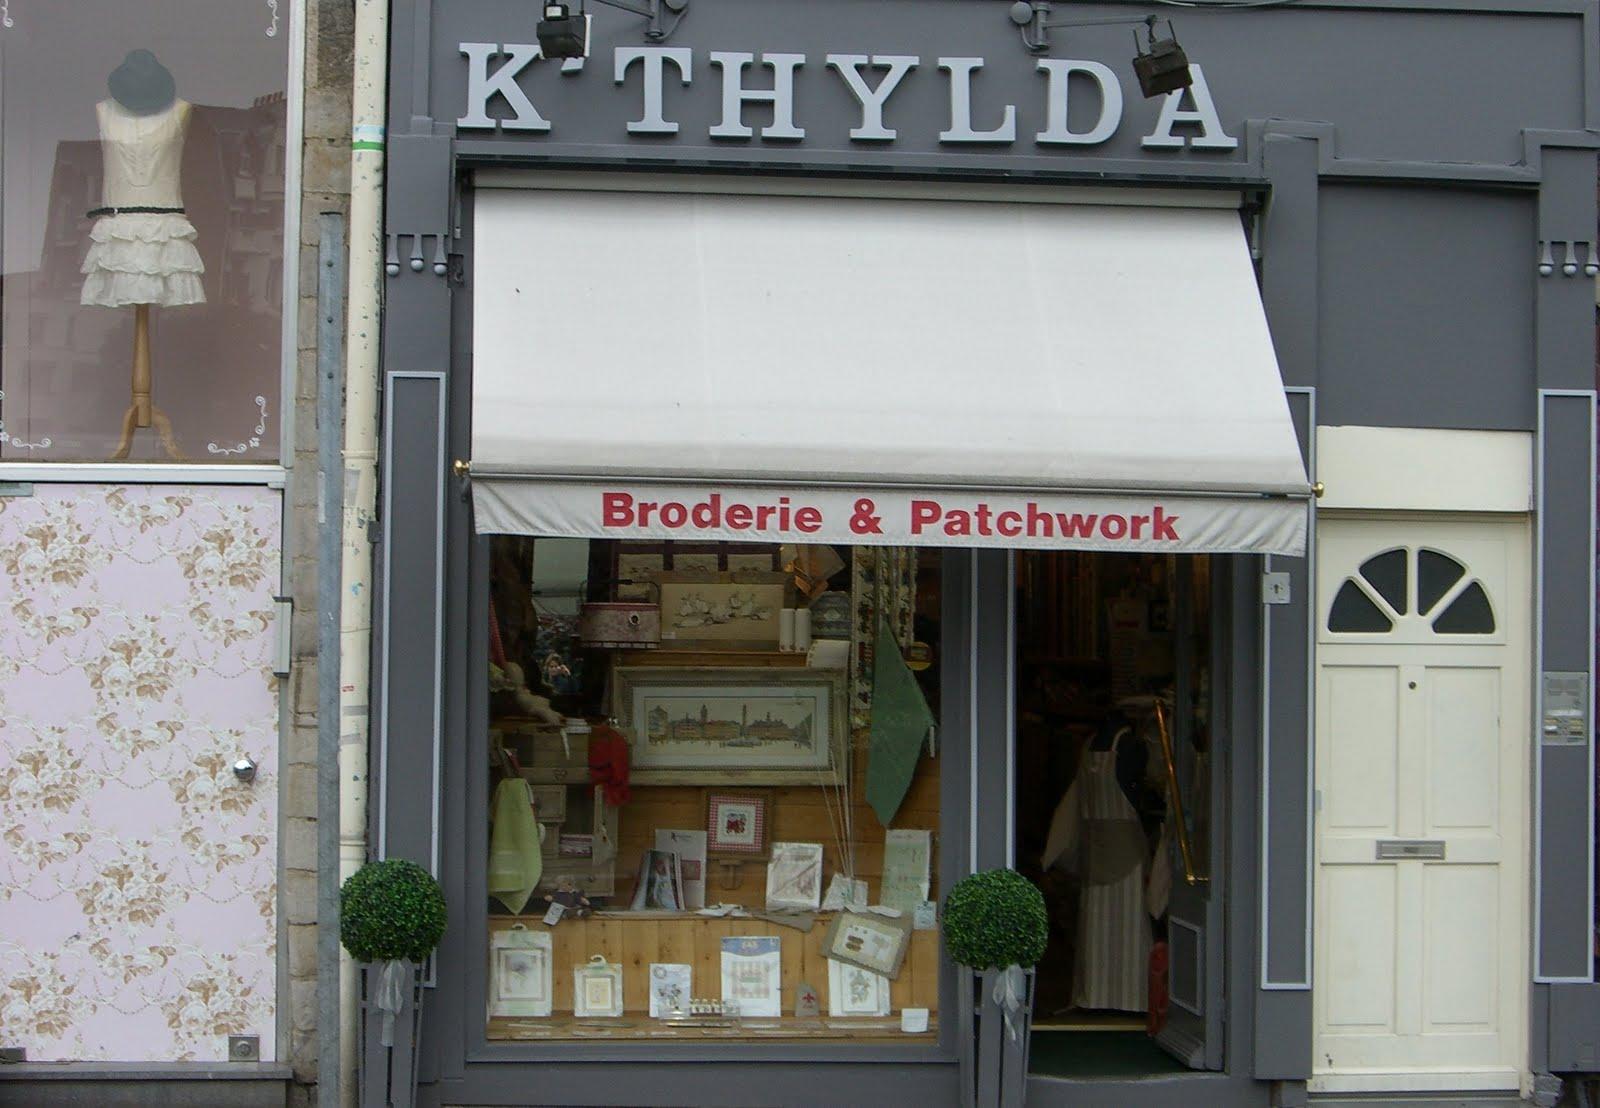 les petites croix de k 39 thylda dans le vieux lille boutique de broderie et de patchwork. Black Bedroom Furniture Sets. Home Design Ideas